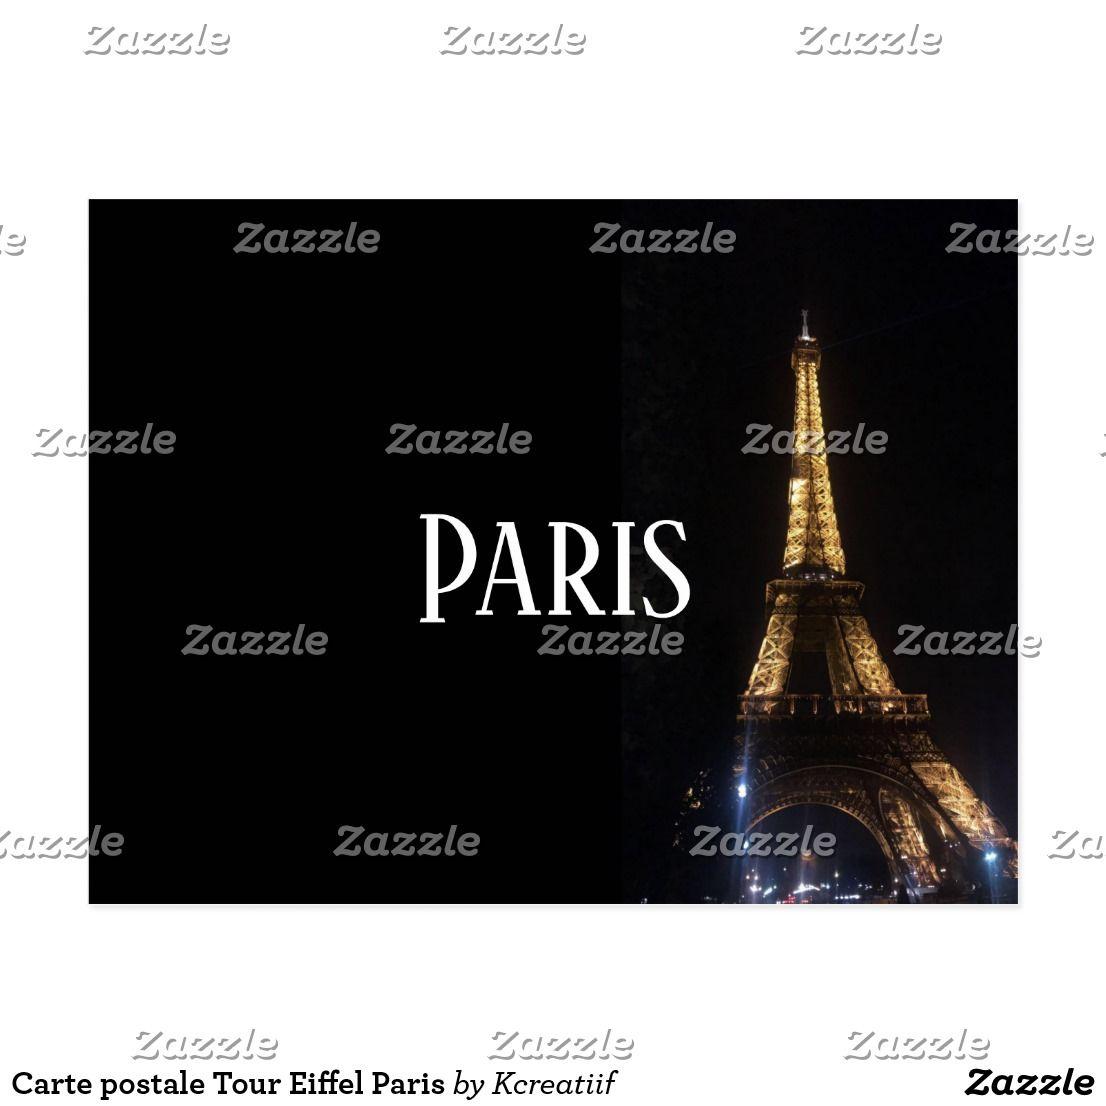 Carte postale Tour Eiffel Paris | Zazzle.fr | CARTES | Tour eiffel, Postale et Eiffel